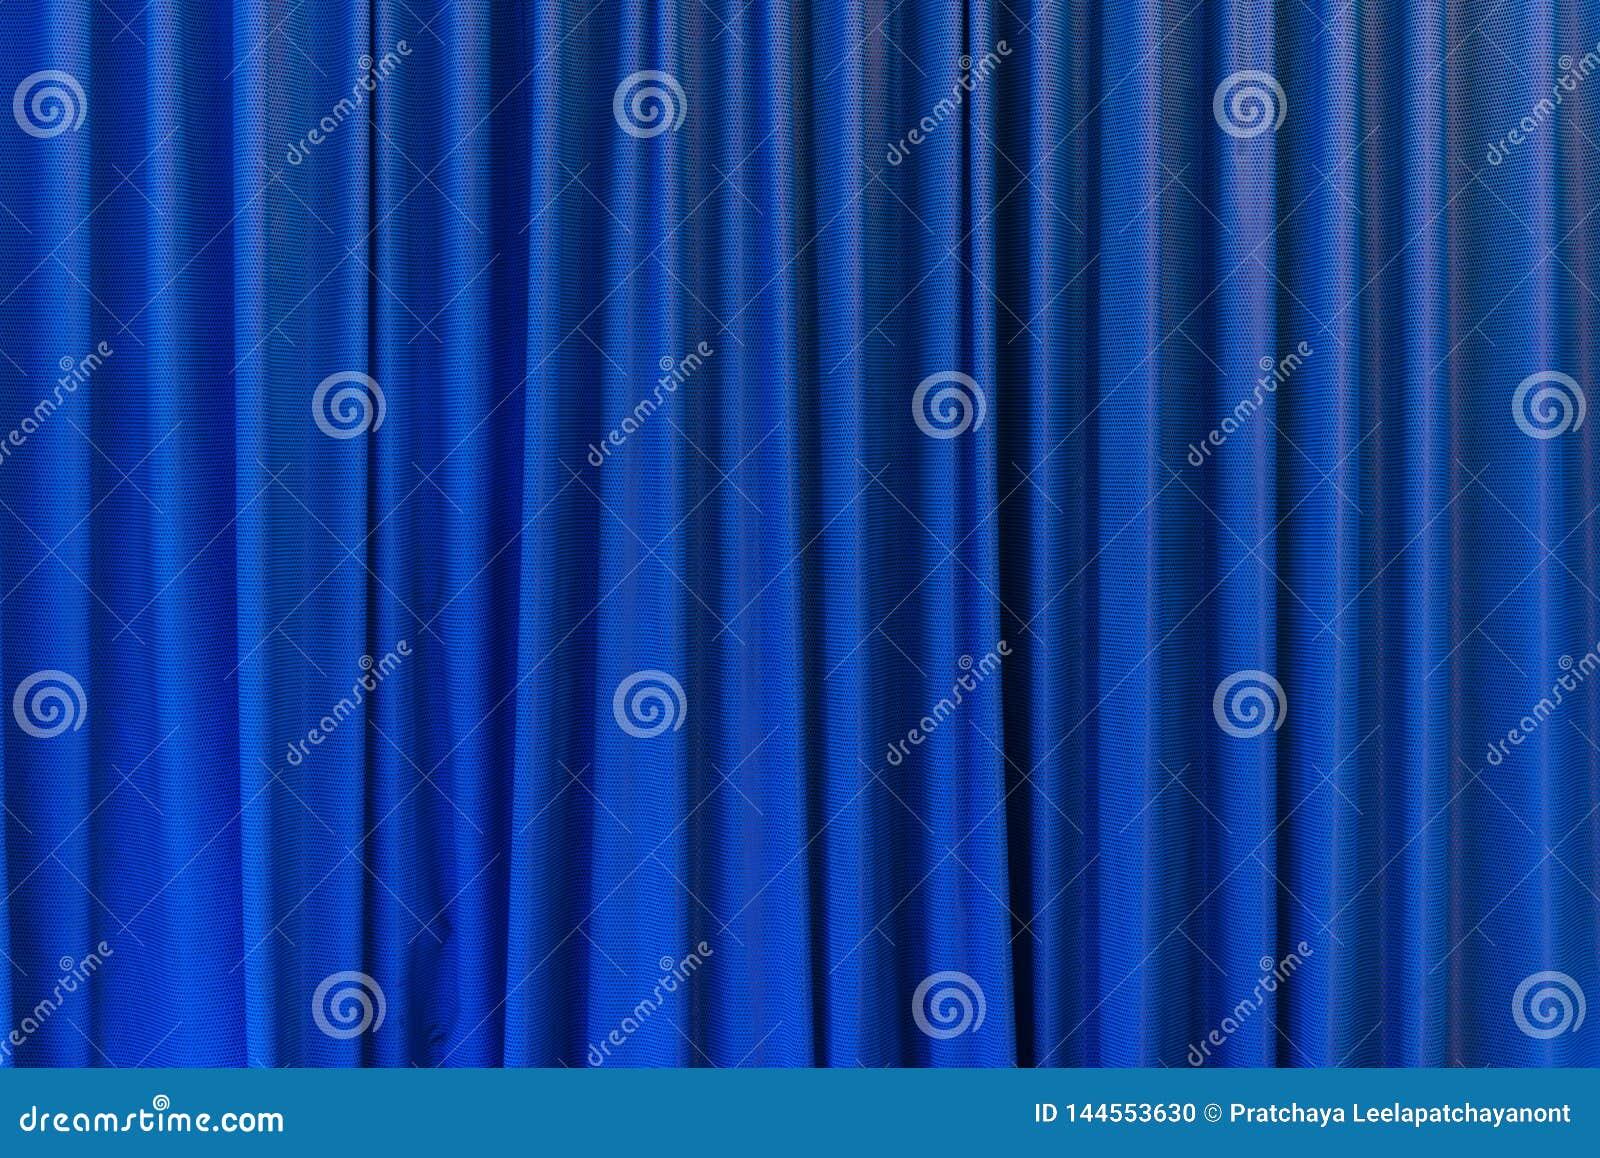 Blauw gordijngebruik voor achtergrond